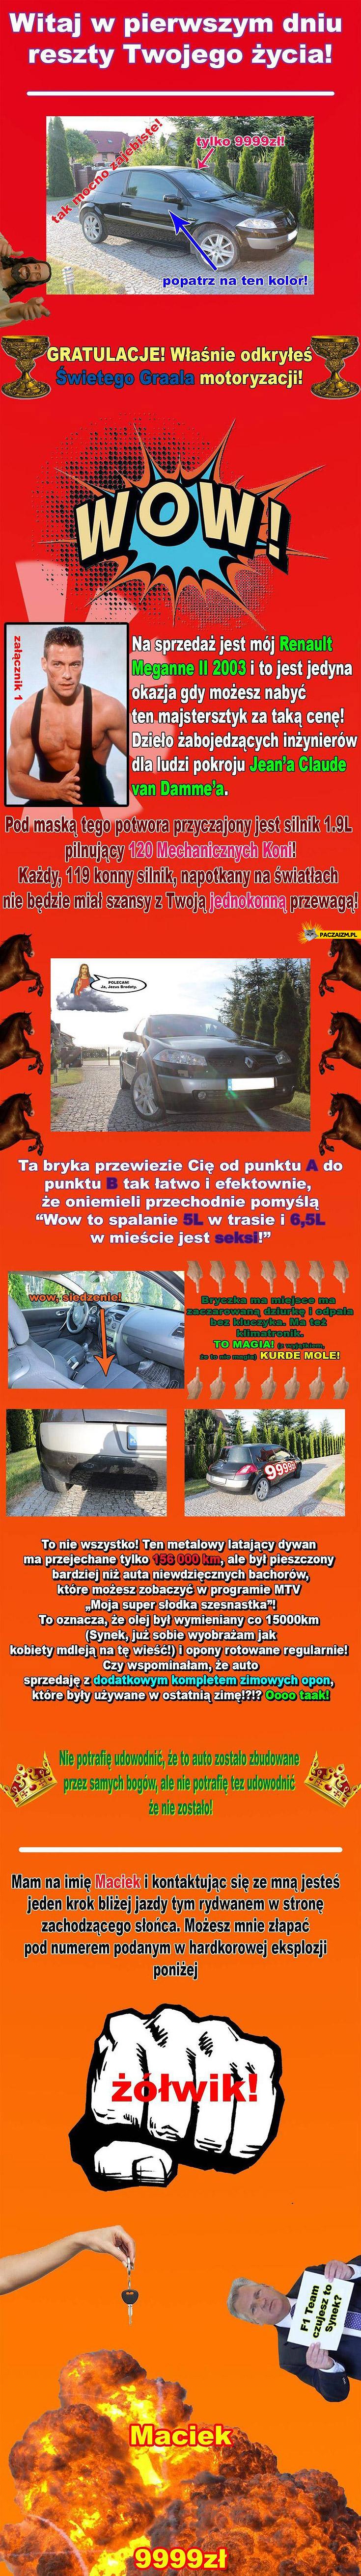 Ogłoszenie sprzedaży Renault Megane Witaj w pierwszym dniu reszty Twojego życia